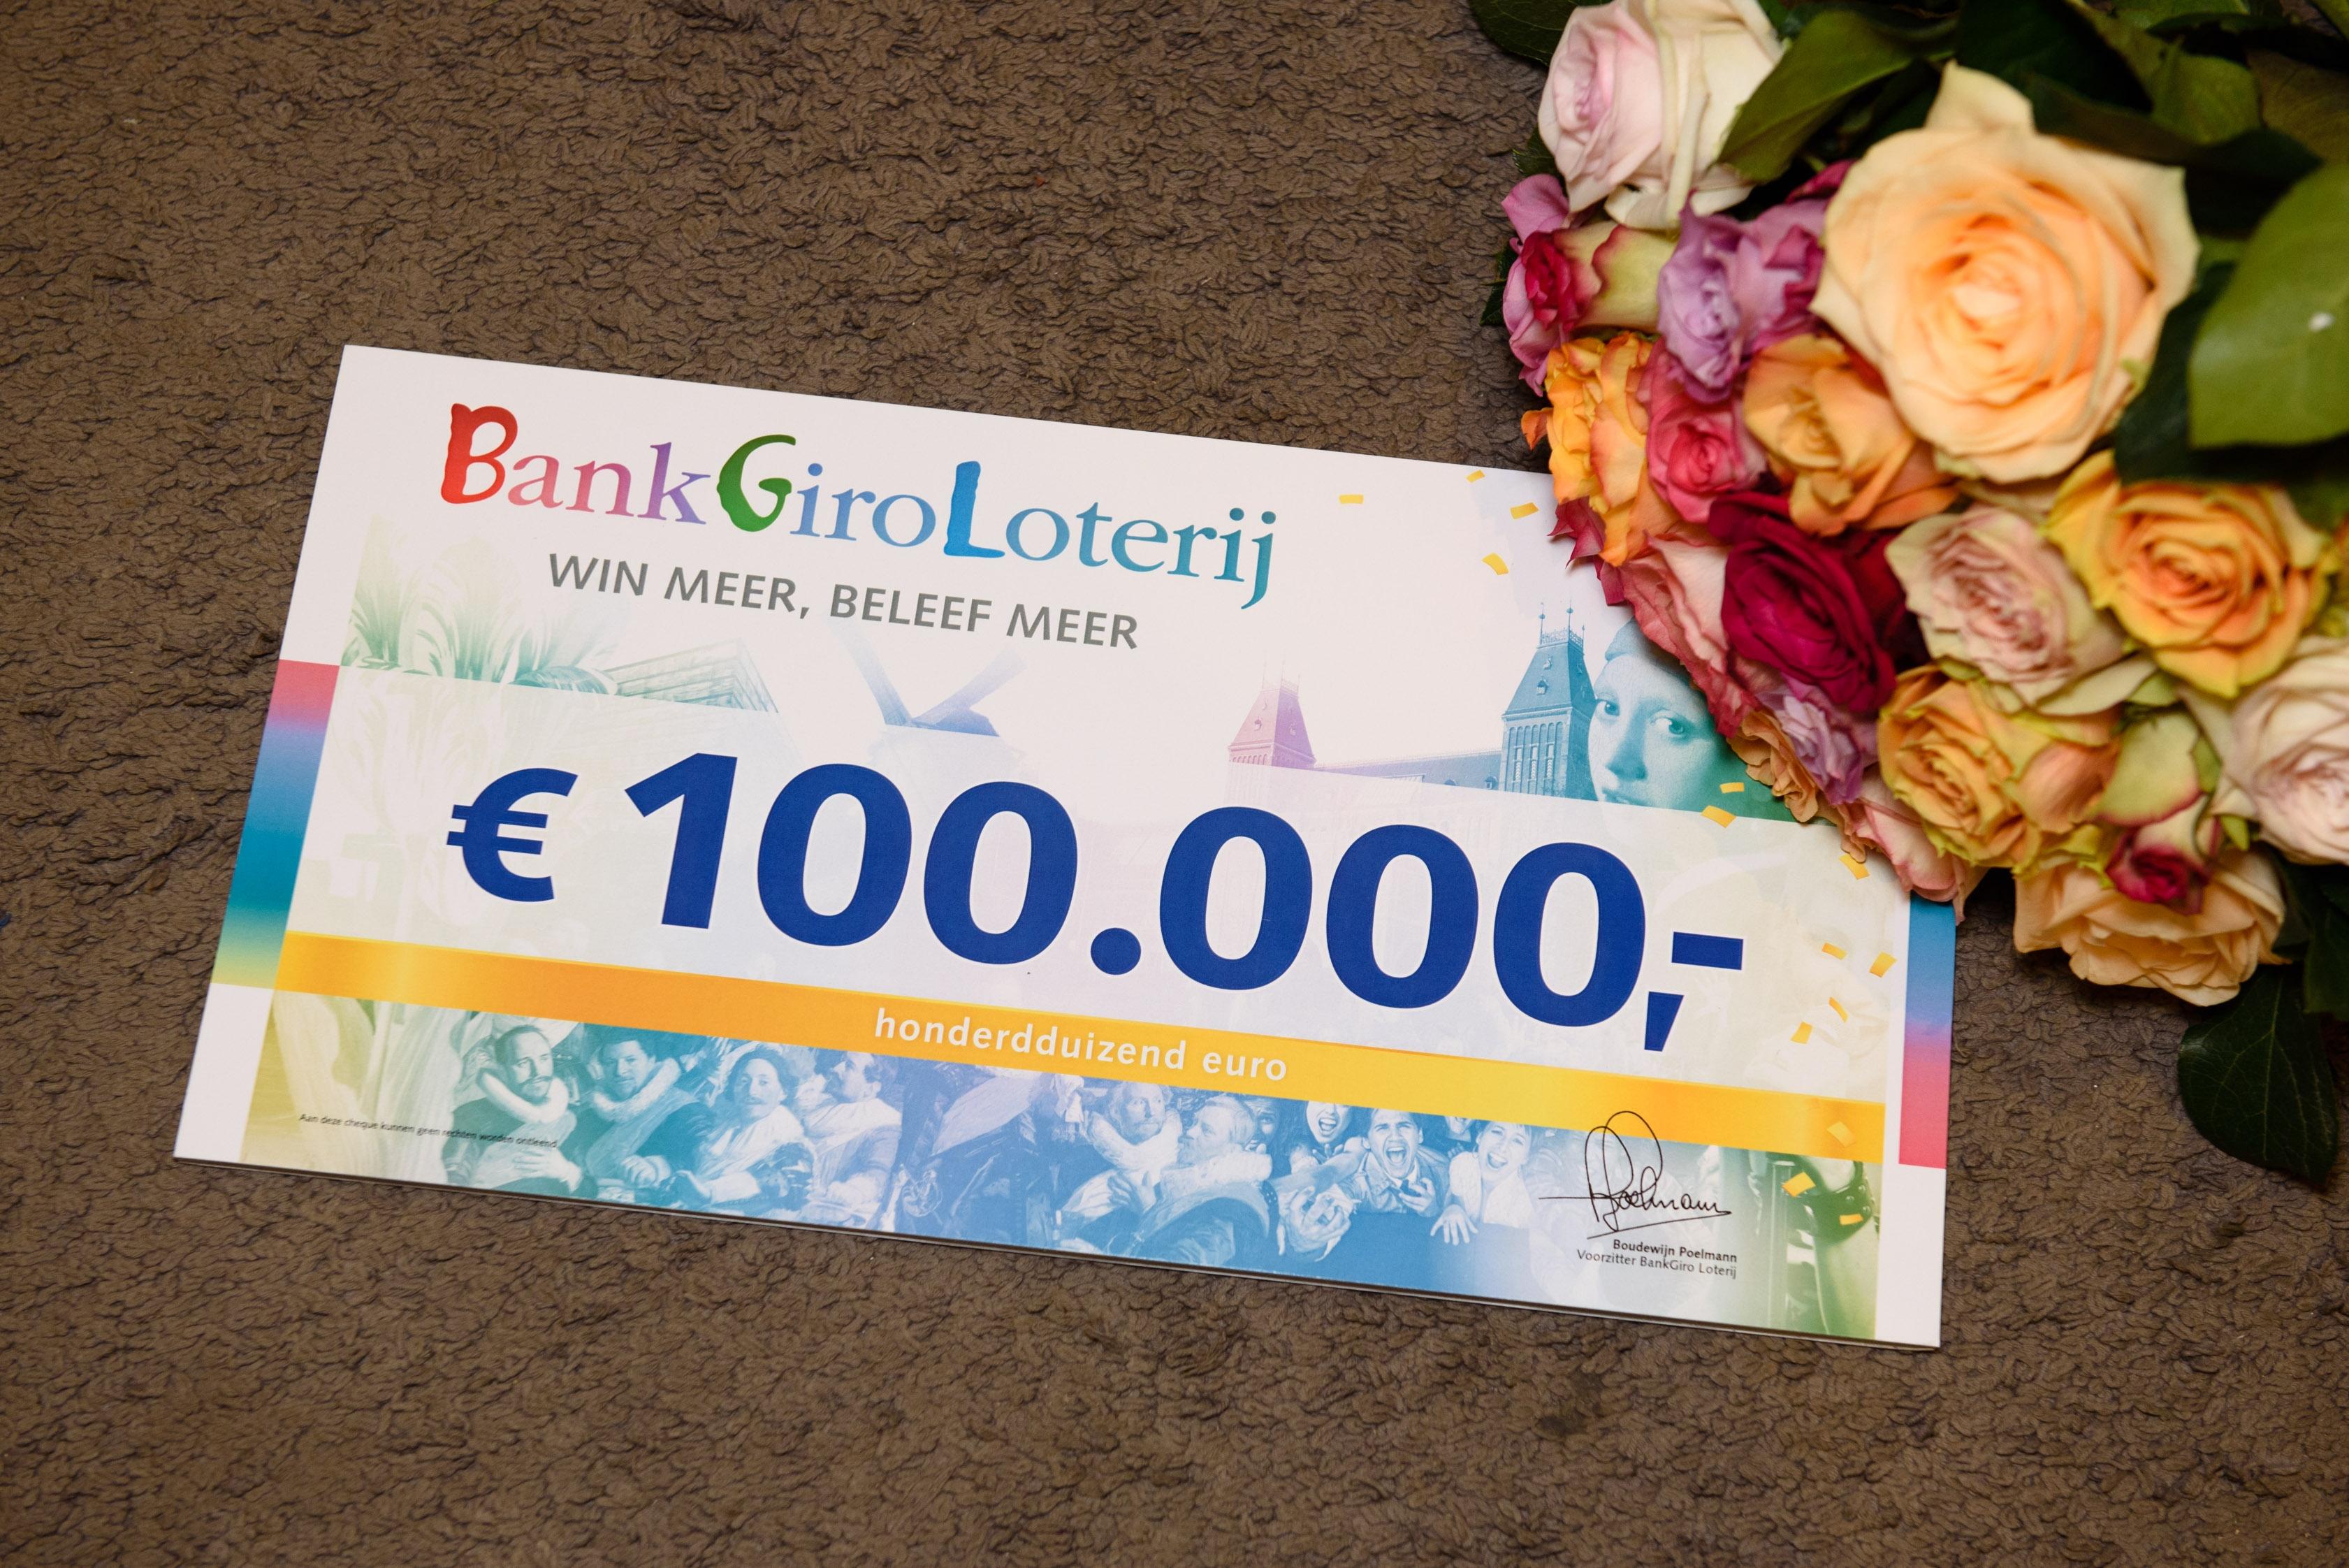 Bram uit Apeldoorn wint 100.000 euro bij BankGiro Loterij